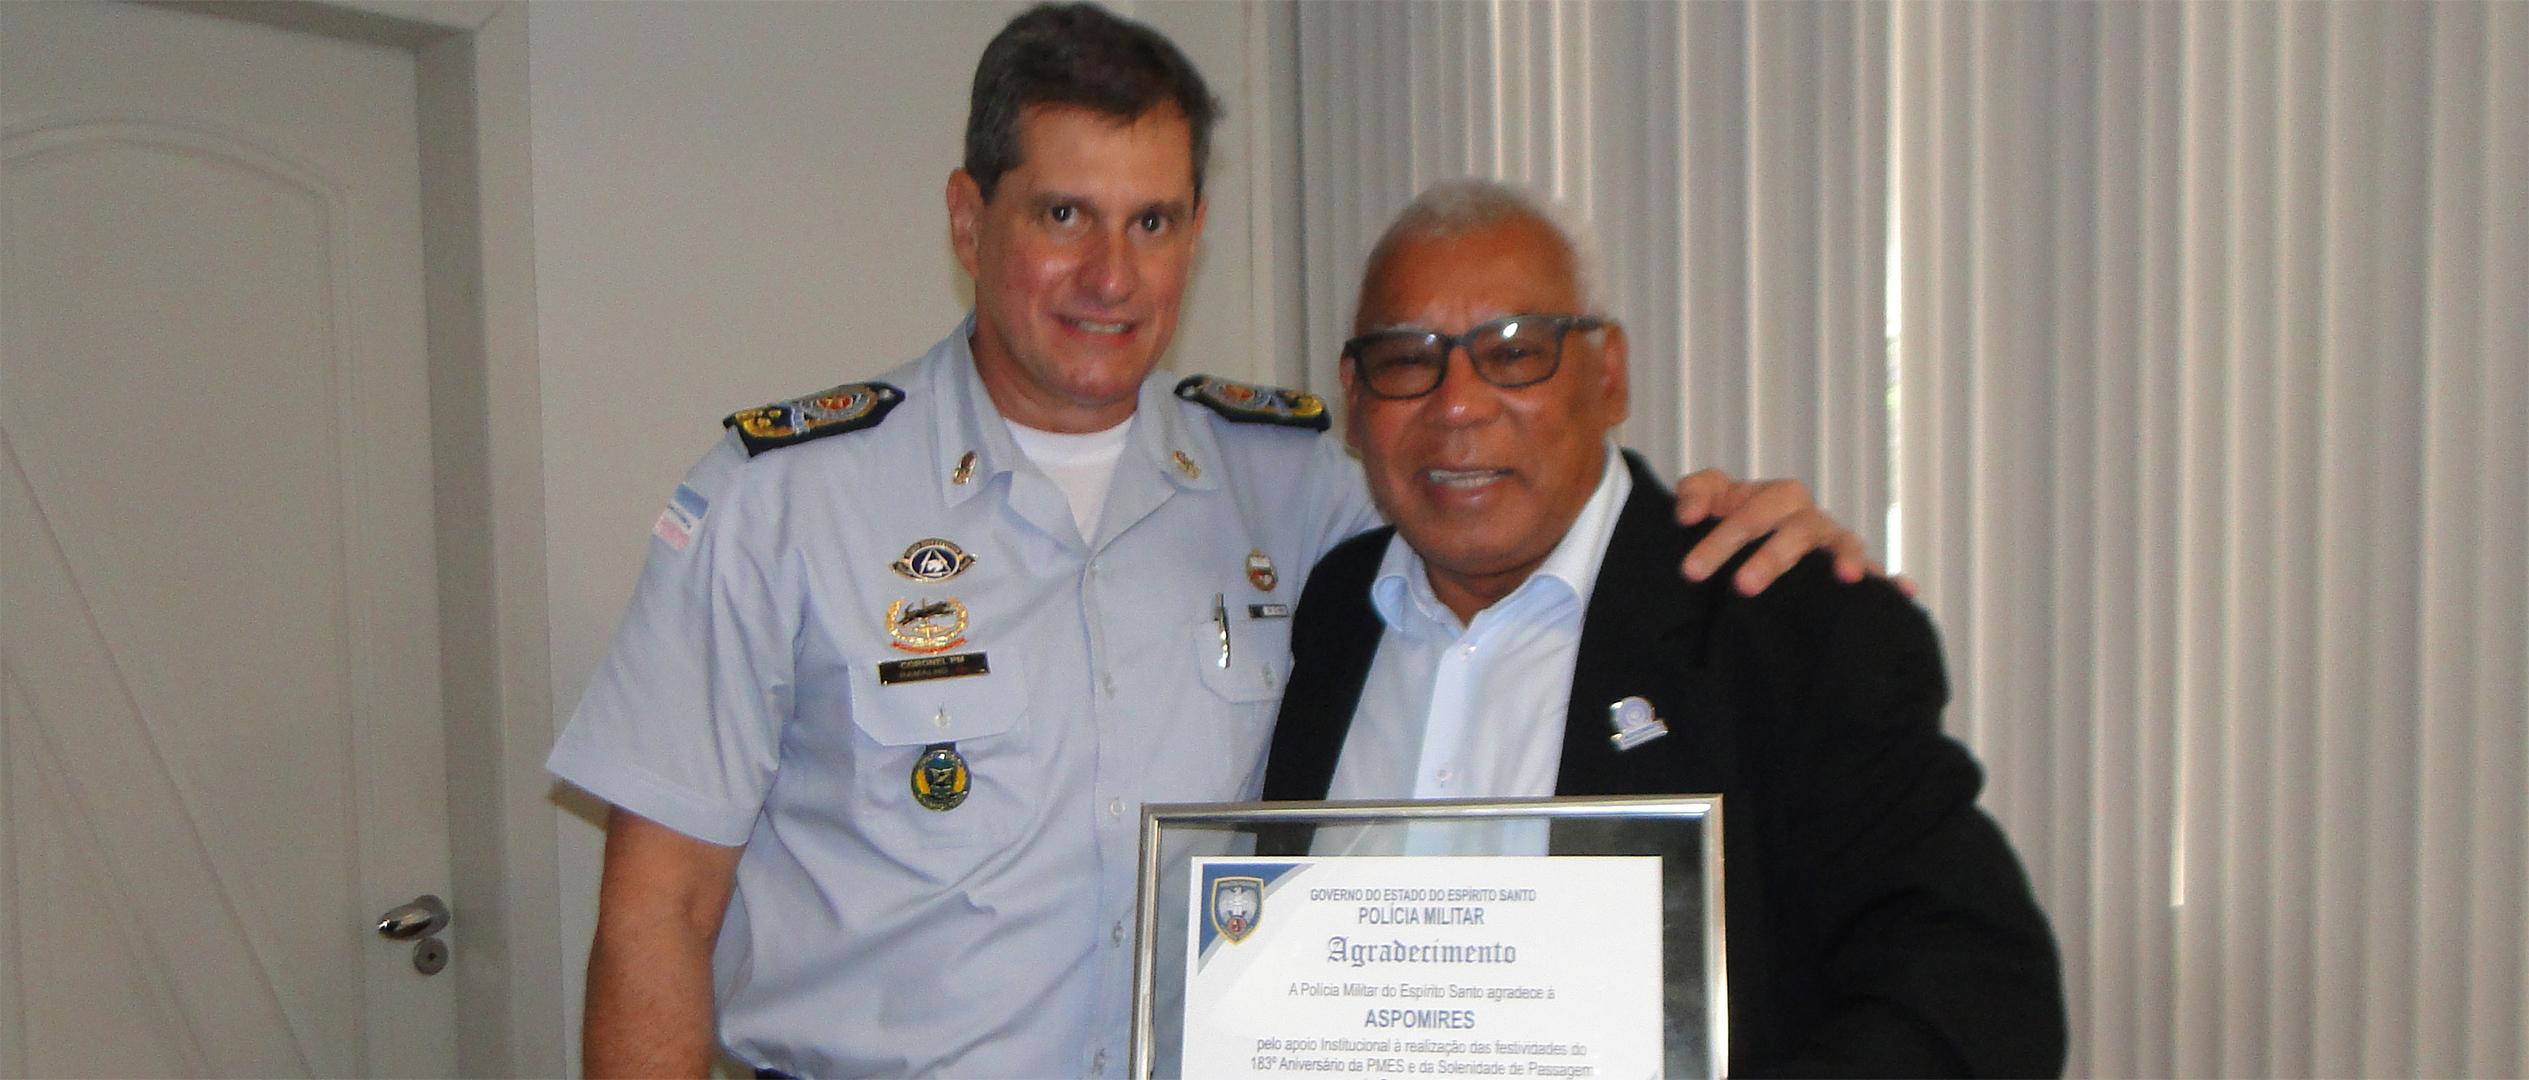 Comandante geral da PMES homenageia a Aspomires